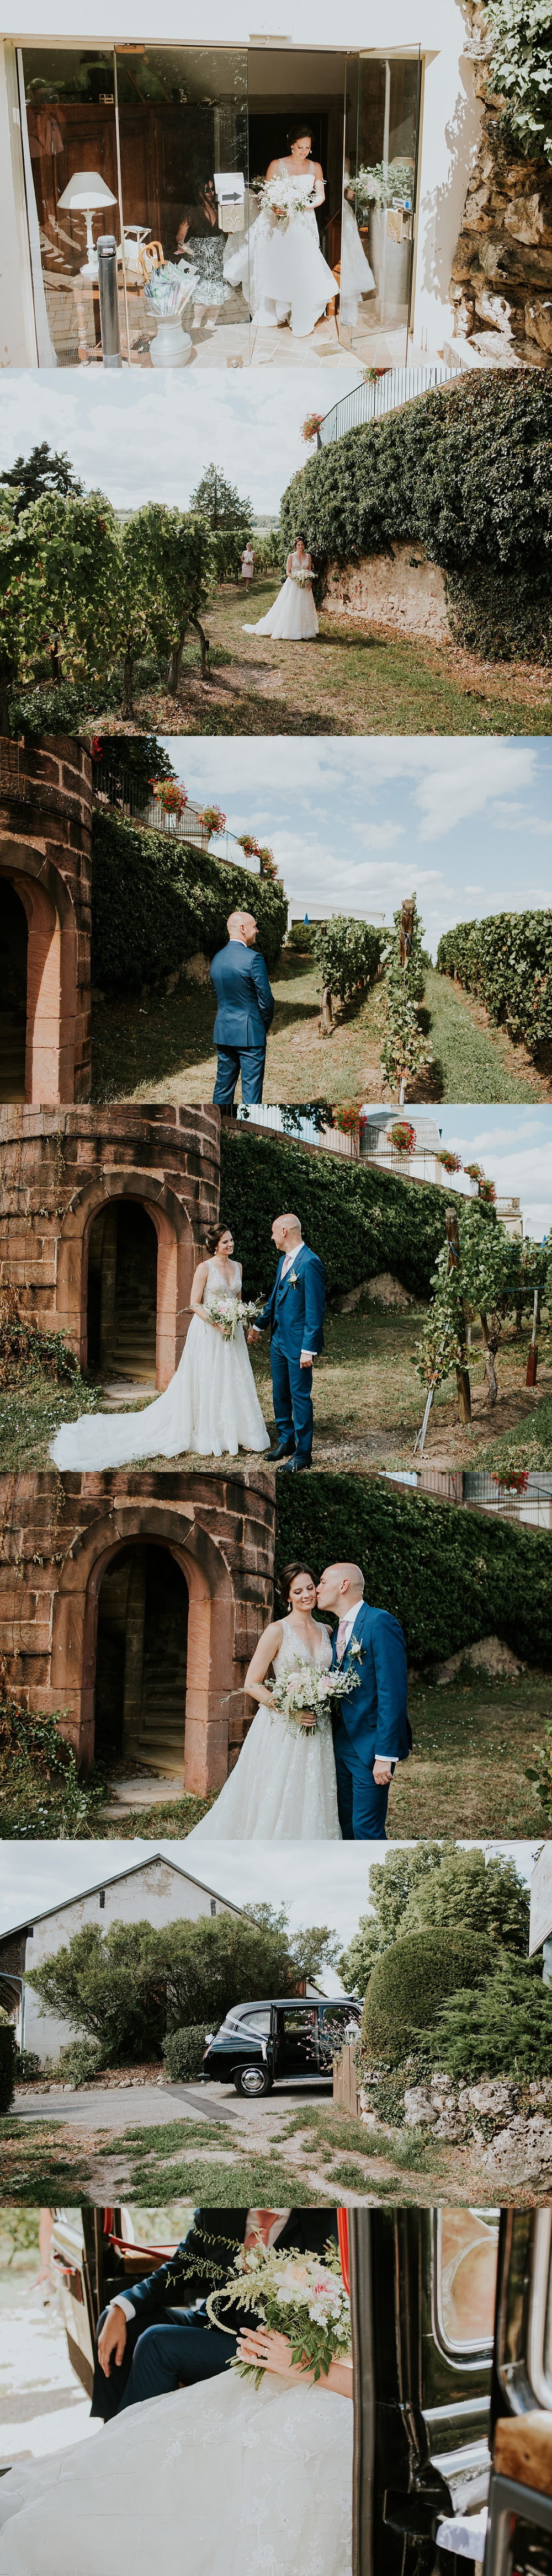 Photographe mariage Alsace château d'Isenbourg